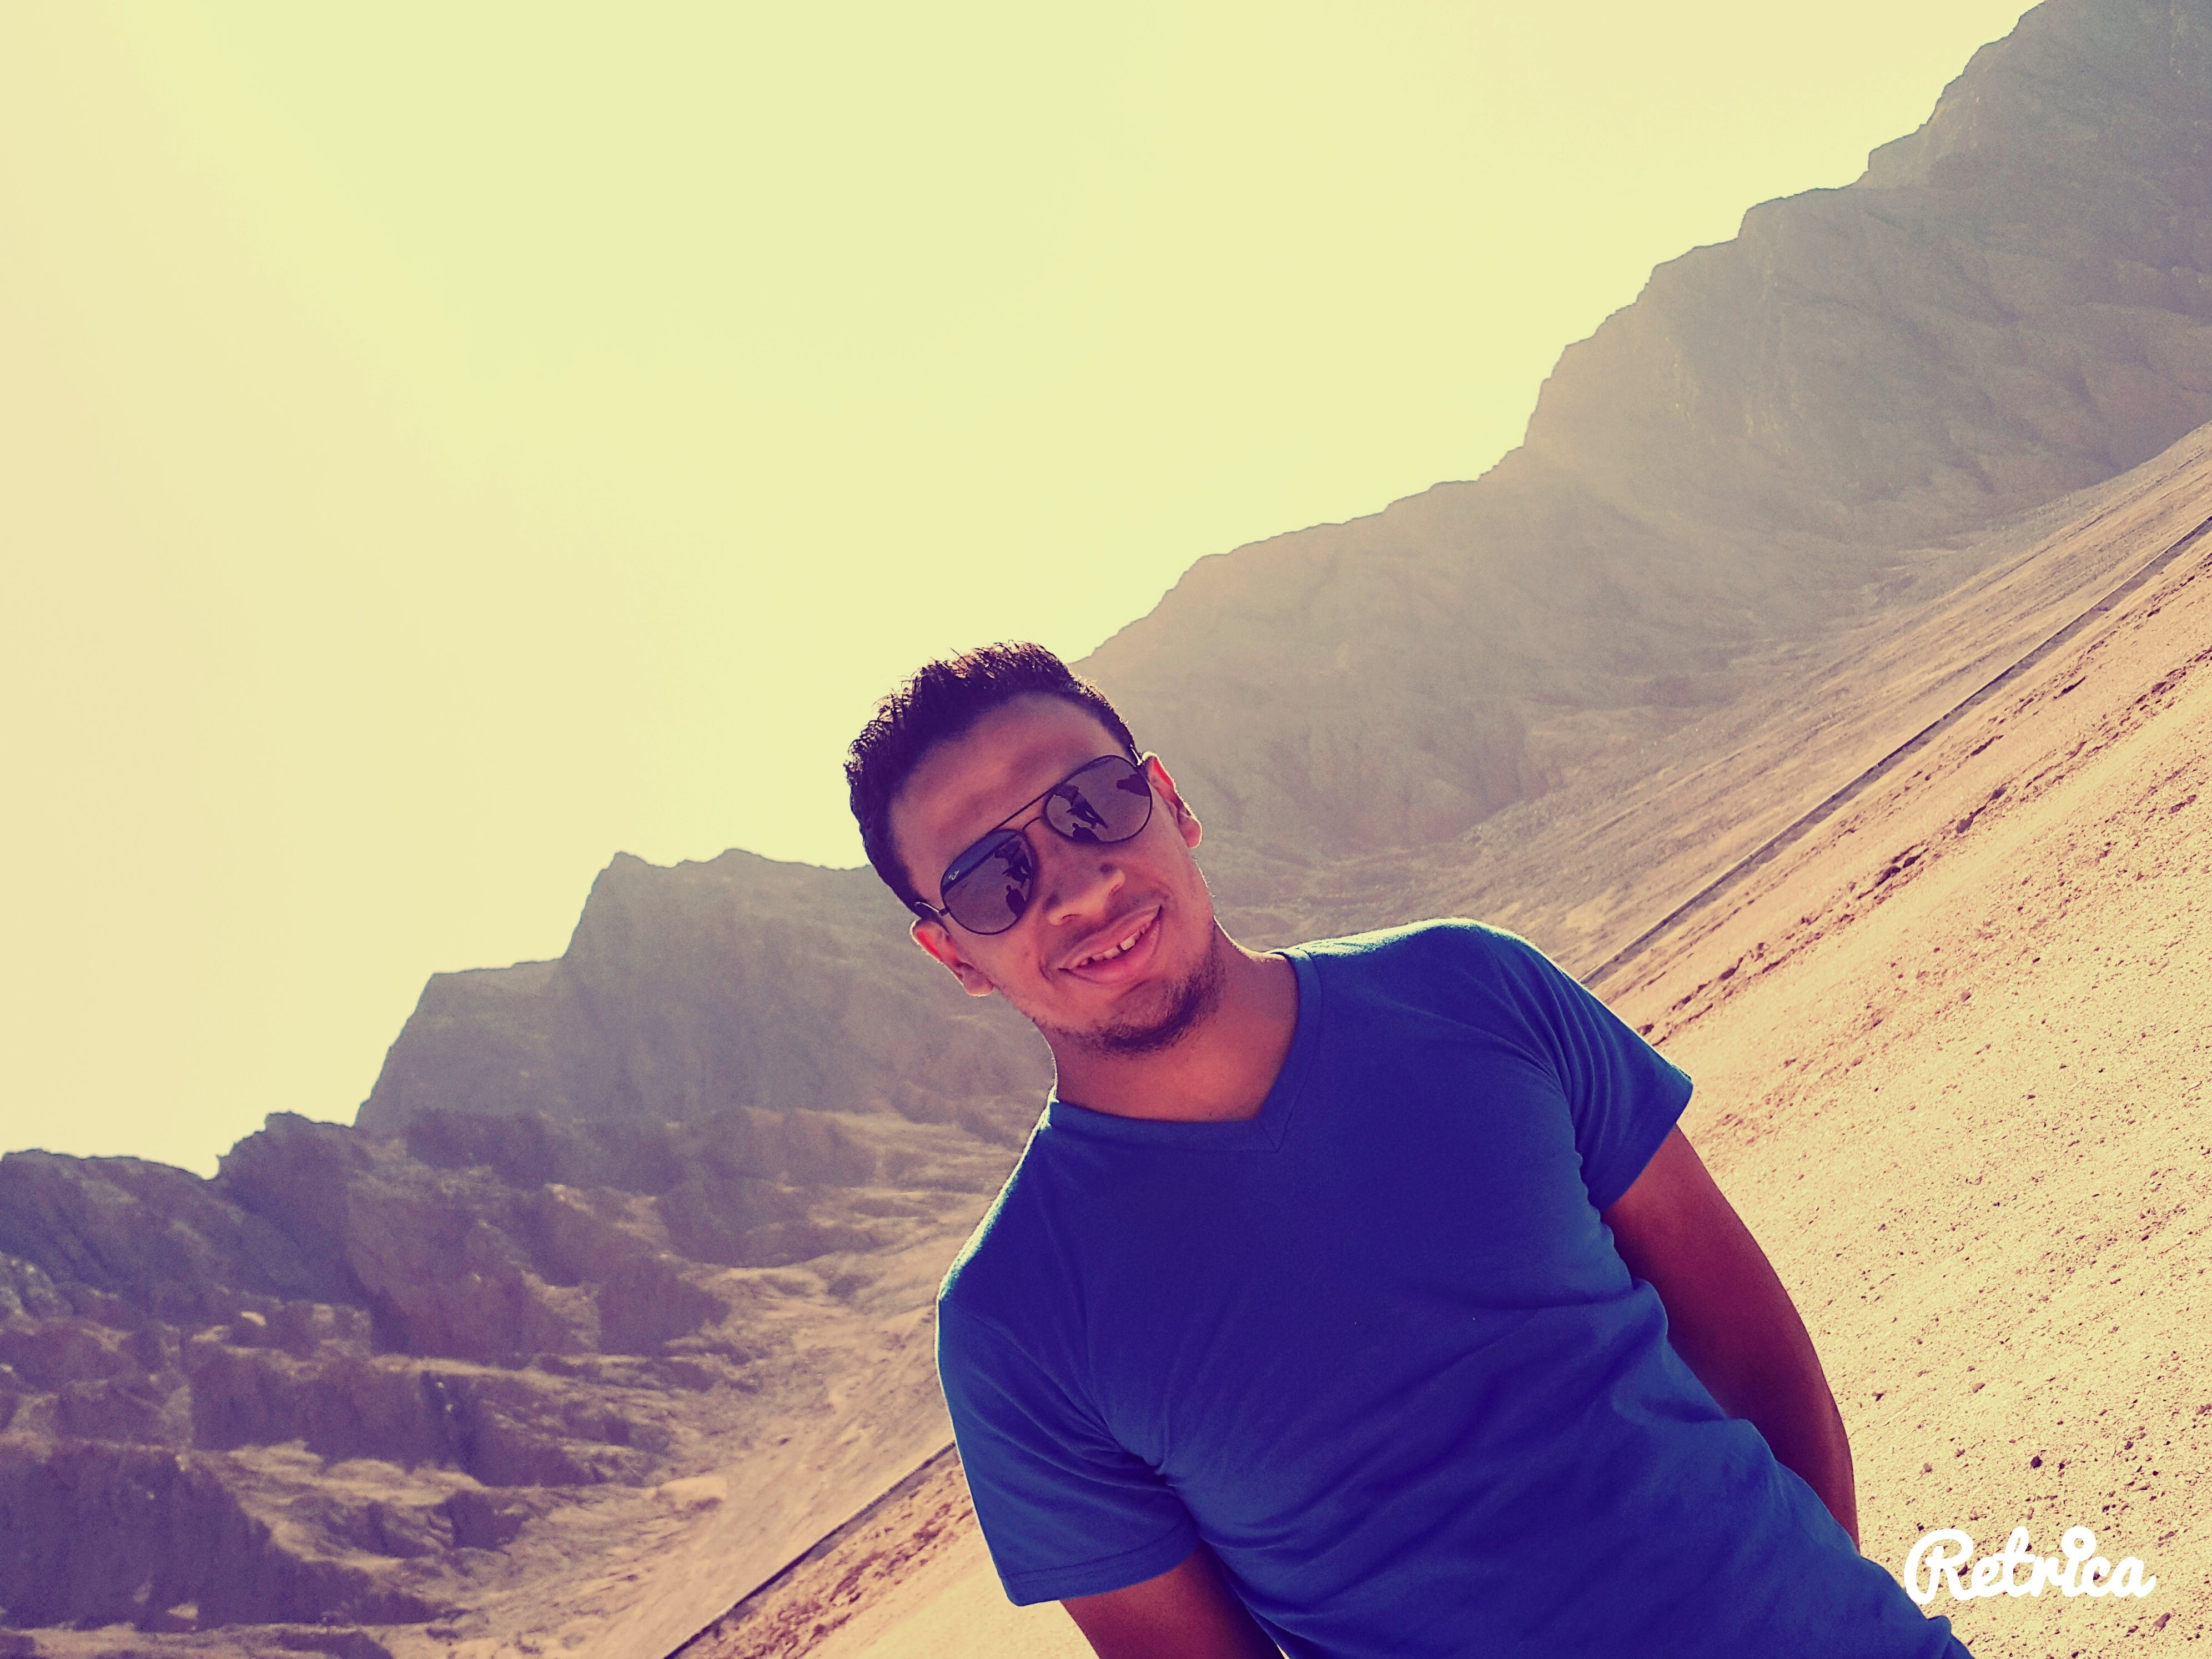 Gratis stockfoto met bergen, jongen, kerel, woestijn